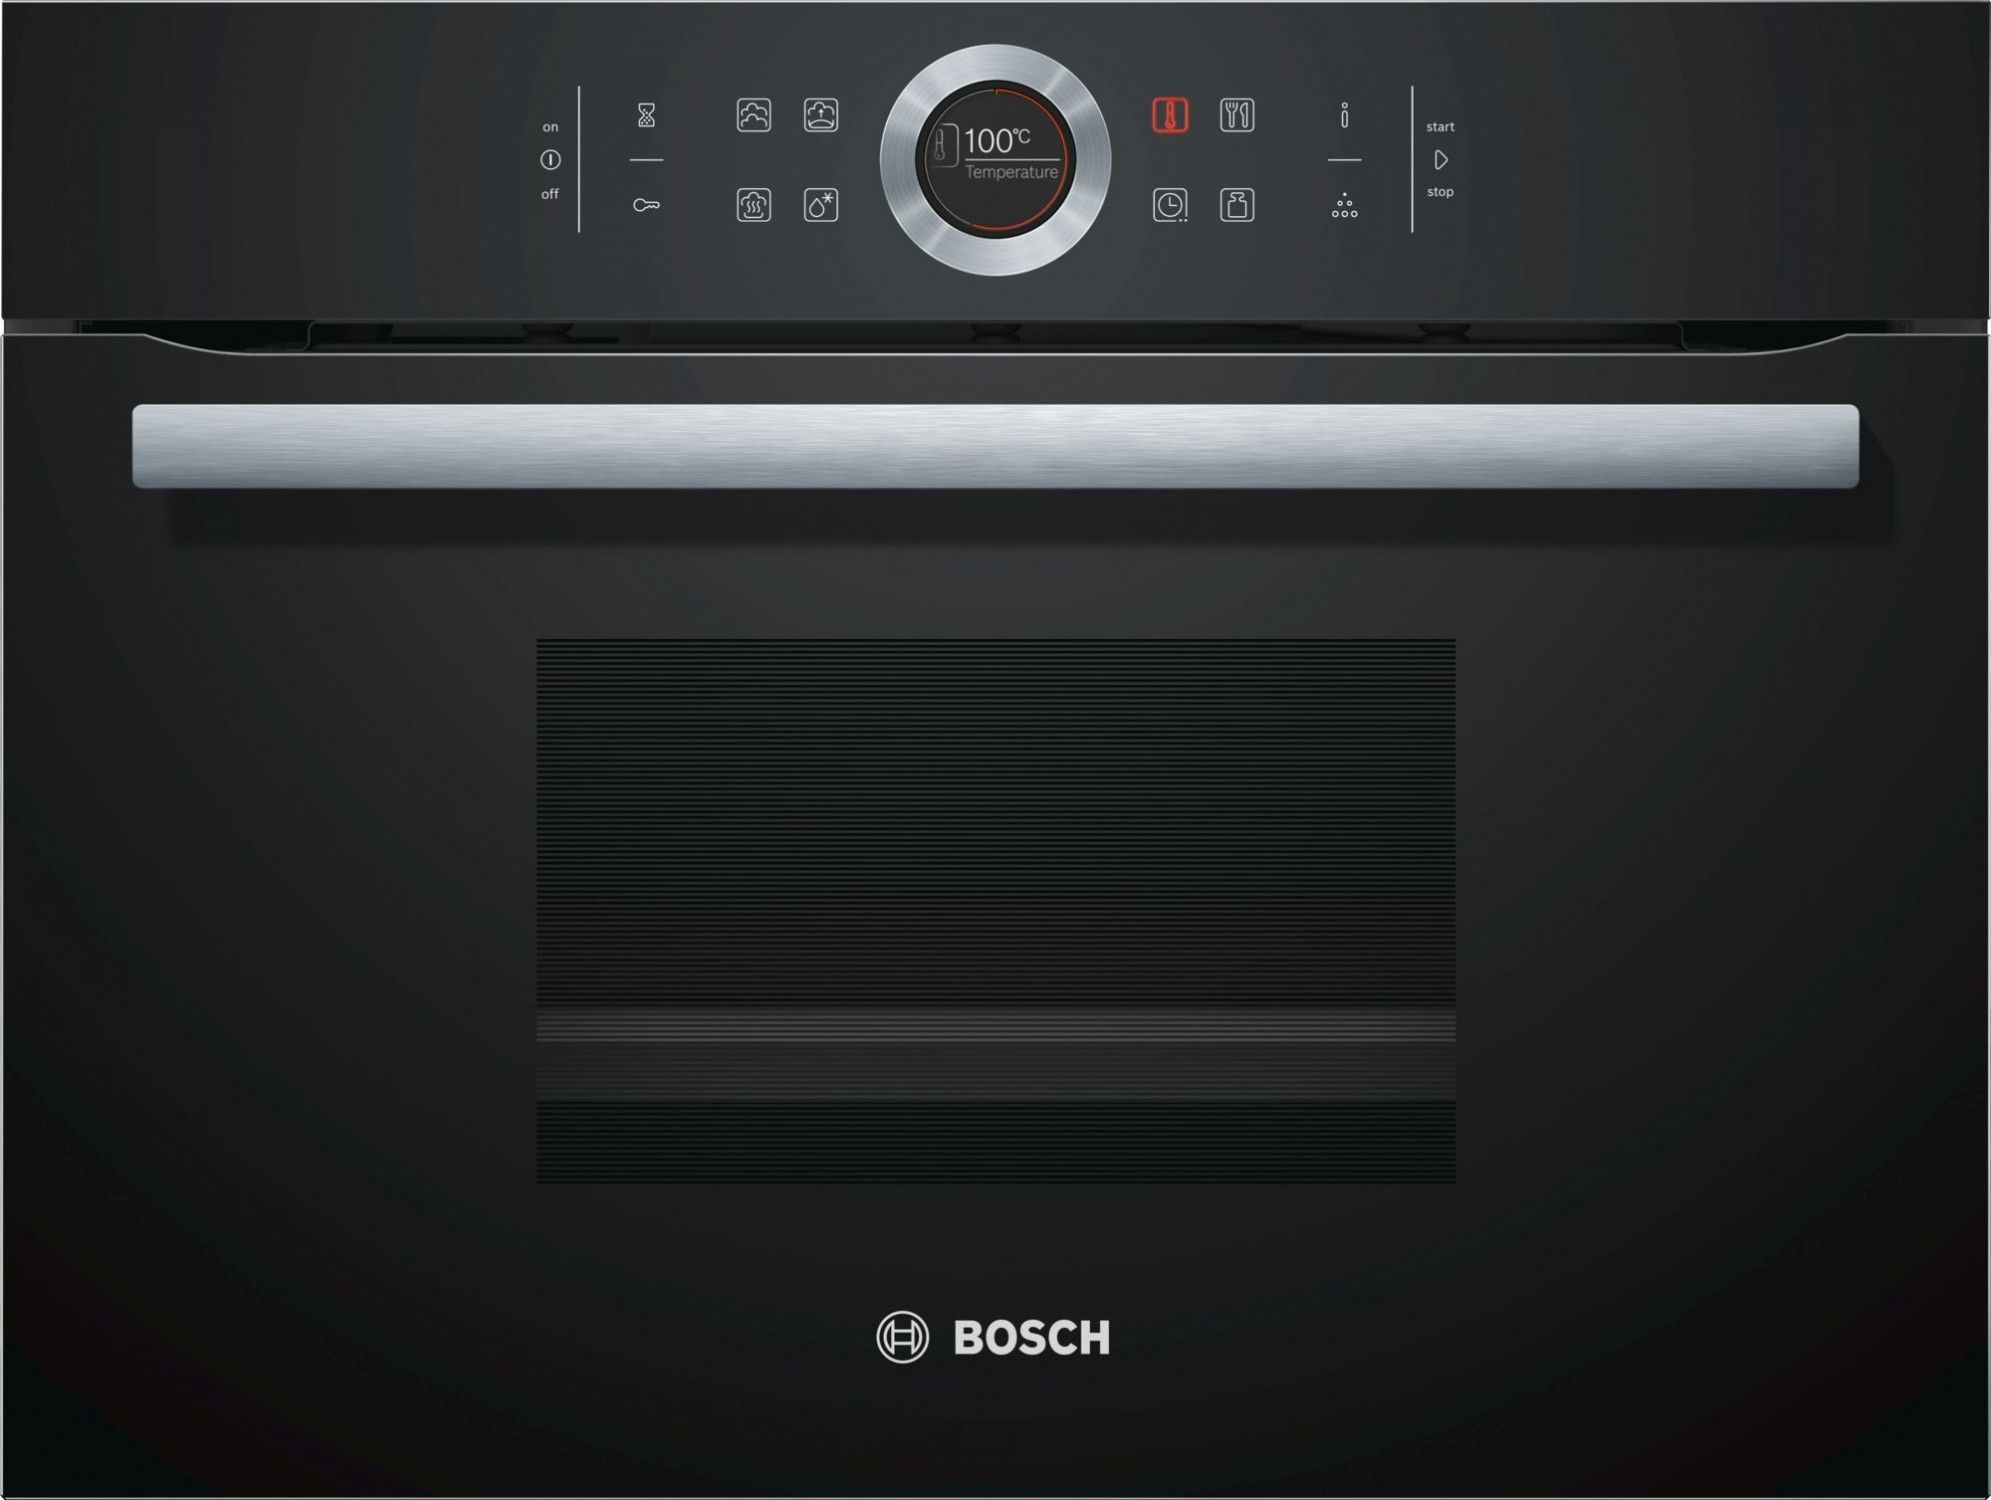 Piekarnik Bosch CDG634AB0, I tel. (22) 266 82 20 I Raty 0 % I kto pyta płaci mniej I Płatności online !